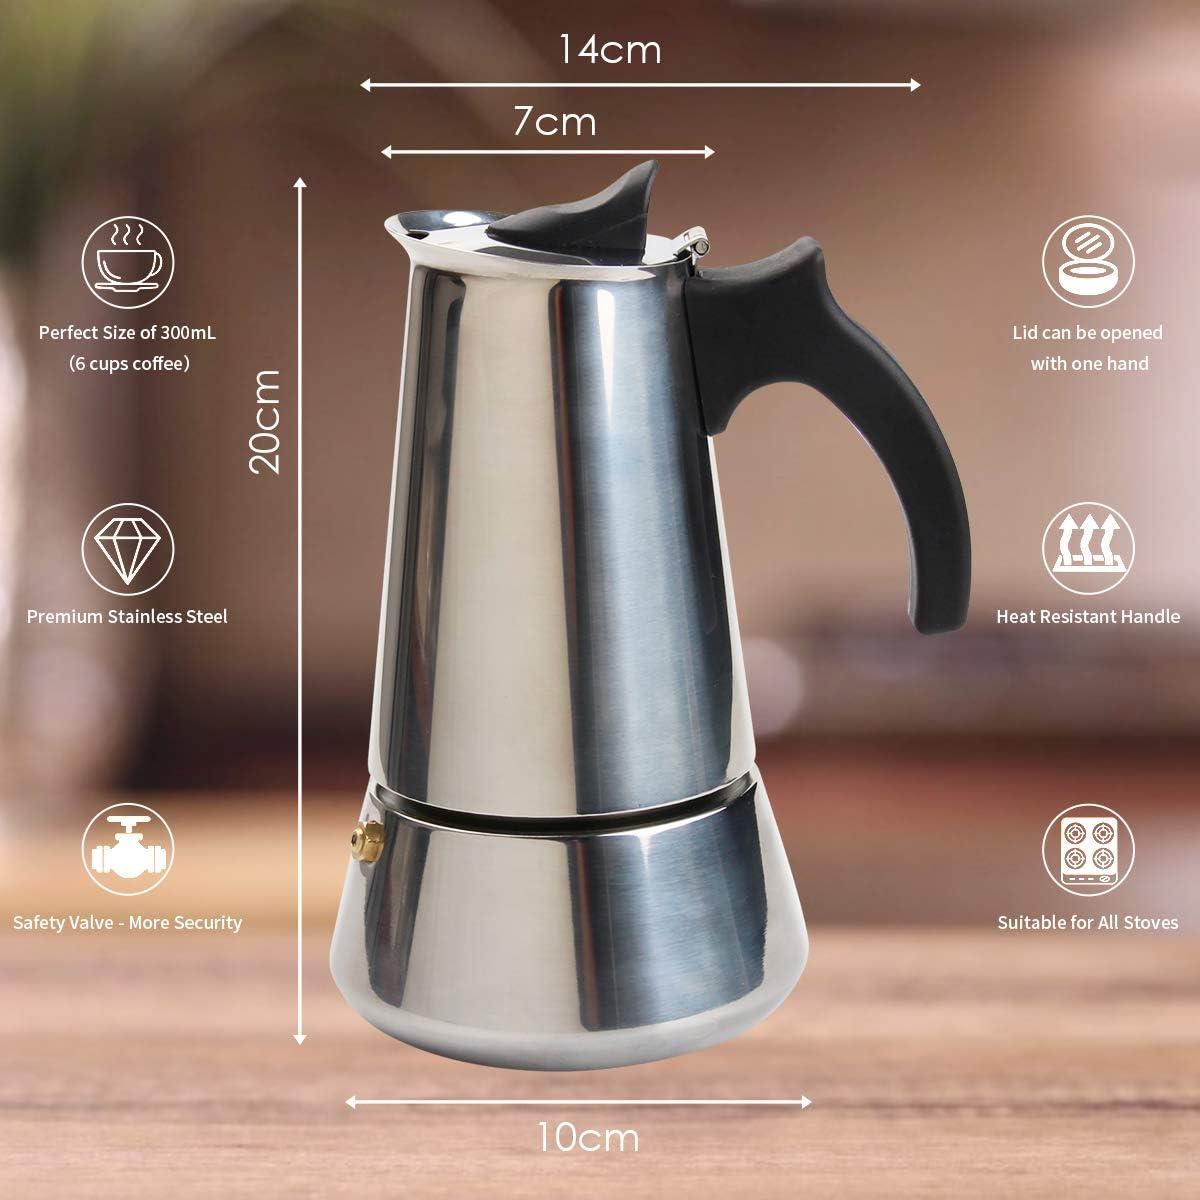 CHISTAR 300 ml cafetera para estufa cocina de espresso Cafetera de espresso apta para cocinas de inducci/ón cafetera Moka: cl/ásica cafetera de acero inoxidable 430 para 6 tazas